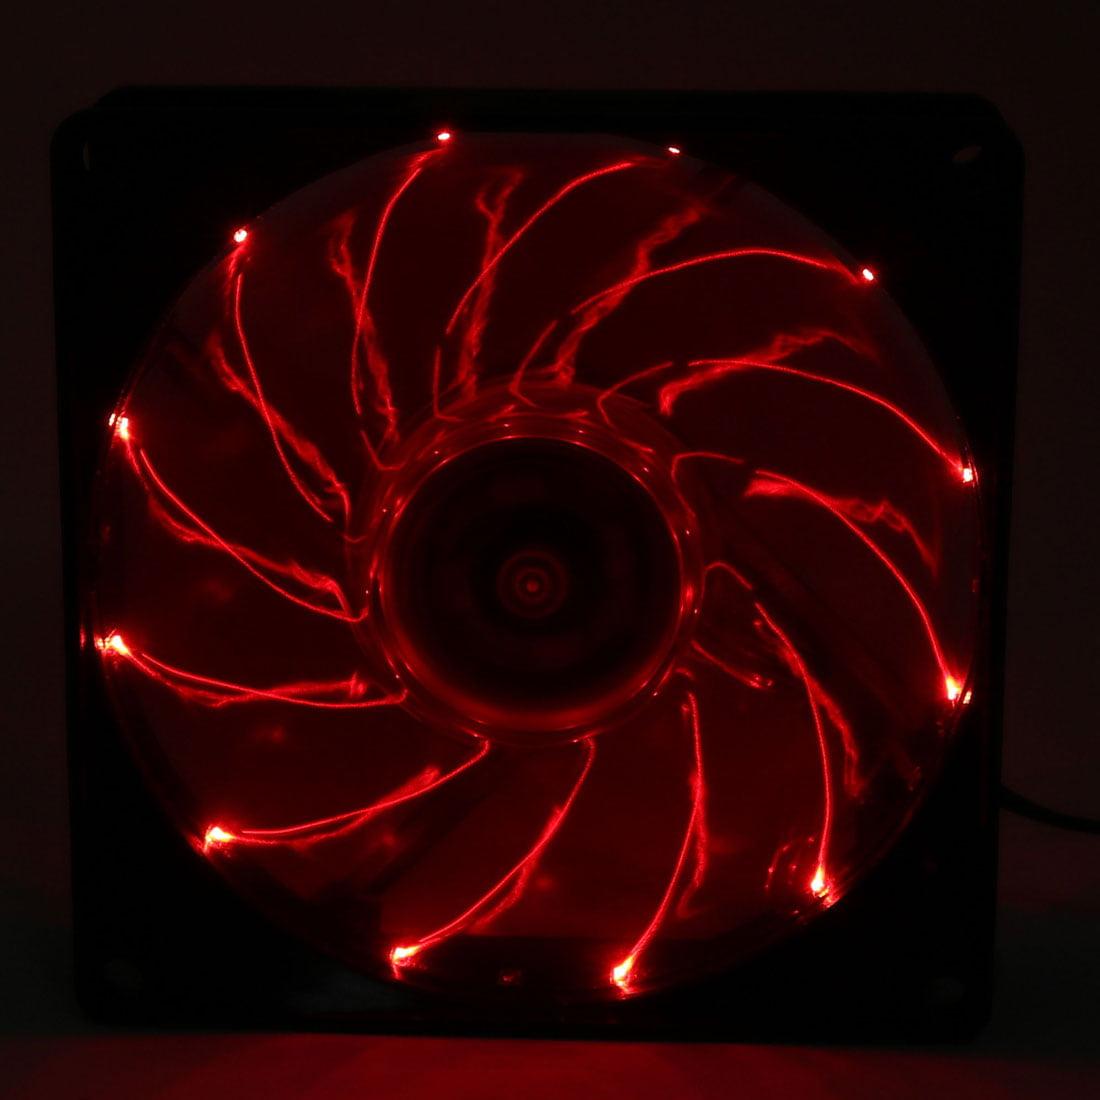 DC12V 0.16A 9Cm 4P Red 12 LED Light Cooling Fan for PC Cases CPU Cooler Radiator - image 1 de 4